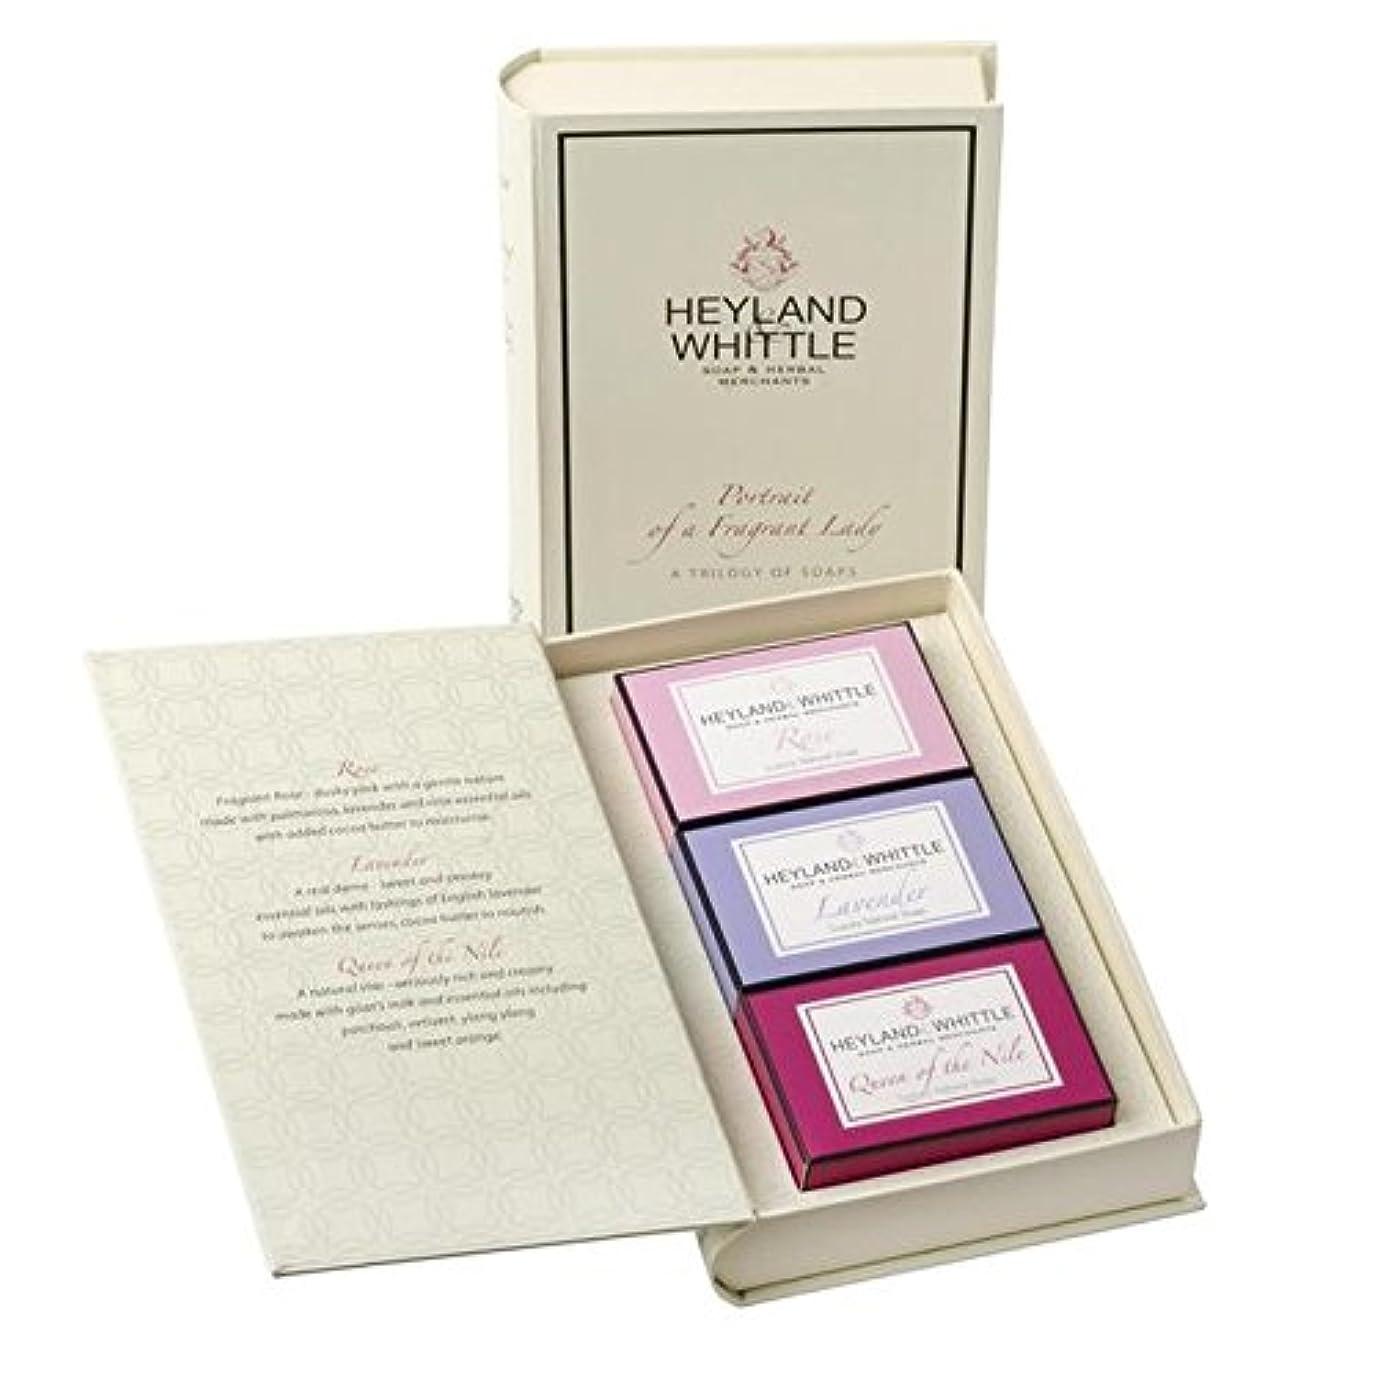 透けて見える可能性外科医Heyland & Whittle Soap Book, Portrait of a Fragrant Lady (Pack of 6) - &削る石鹸帳、香りの女性の肖像画 x6 [並行輸入品]